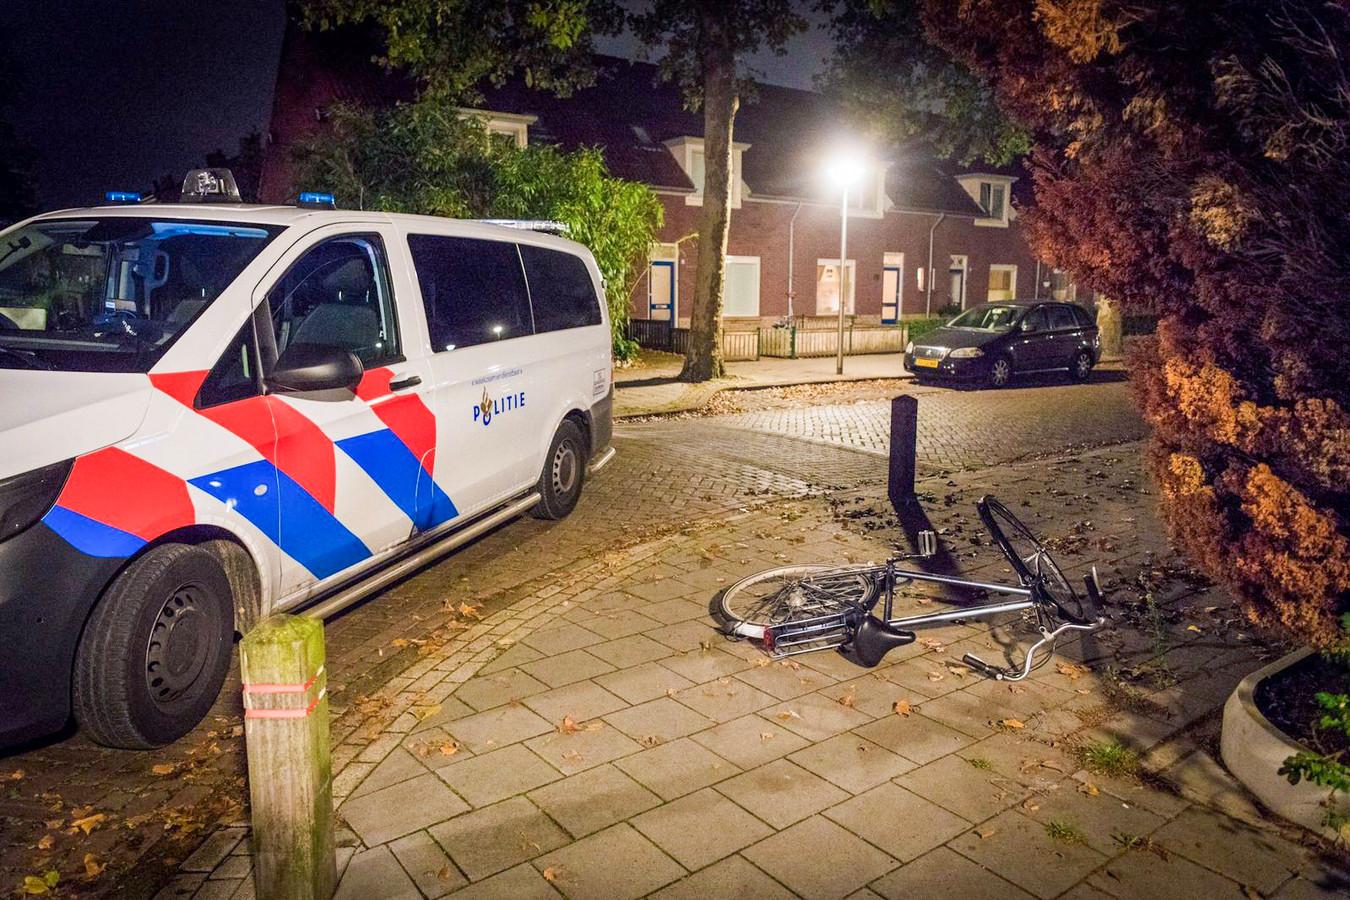 De politie bij de fiets van de overvaller.